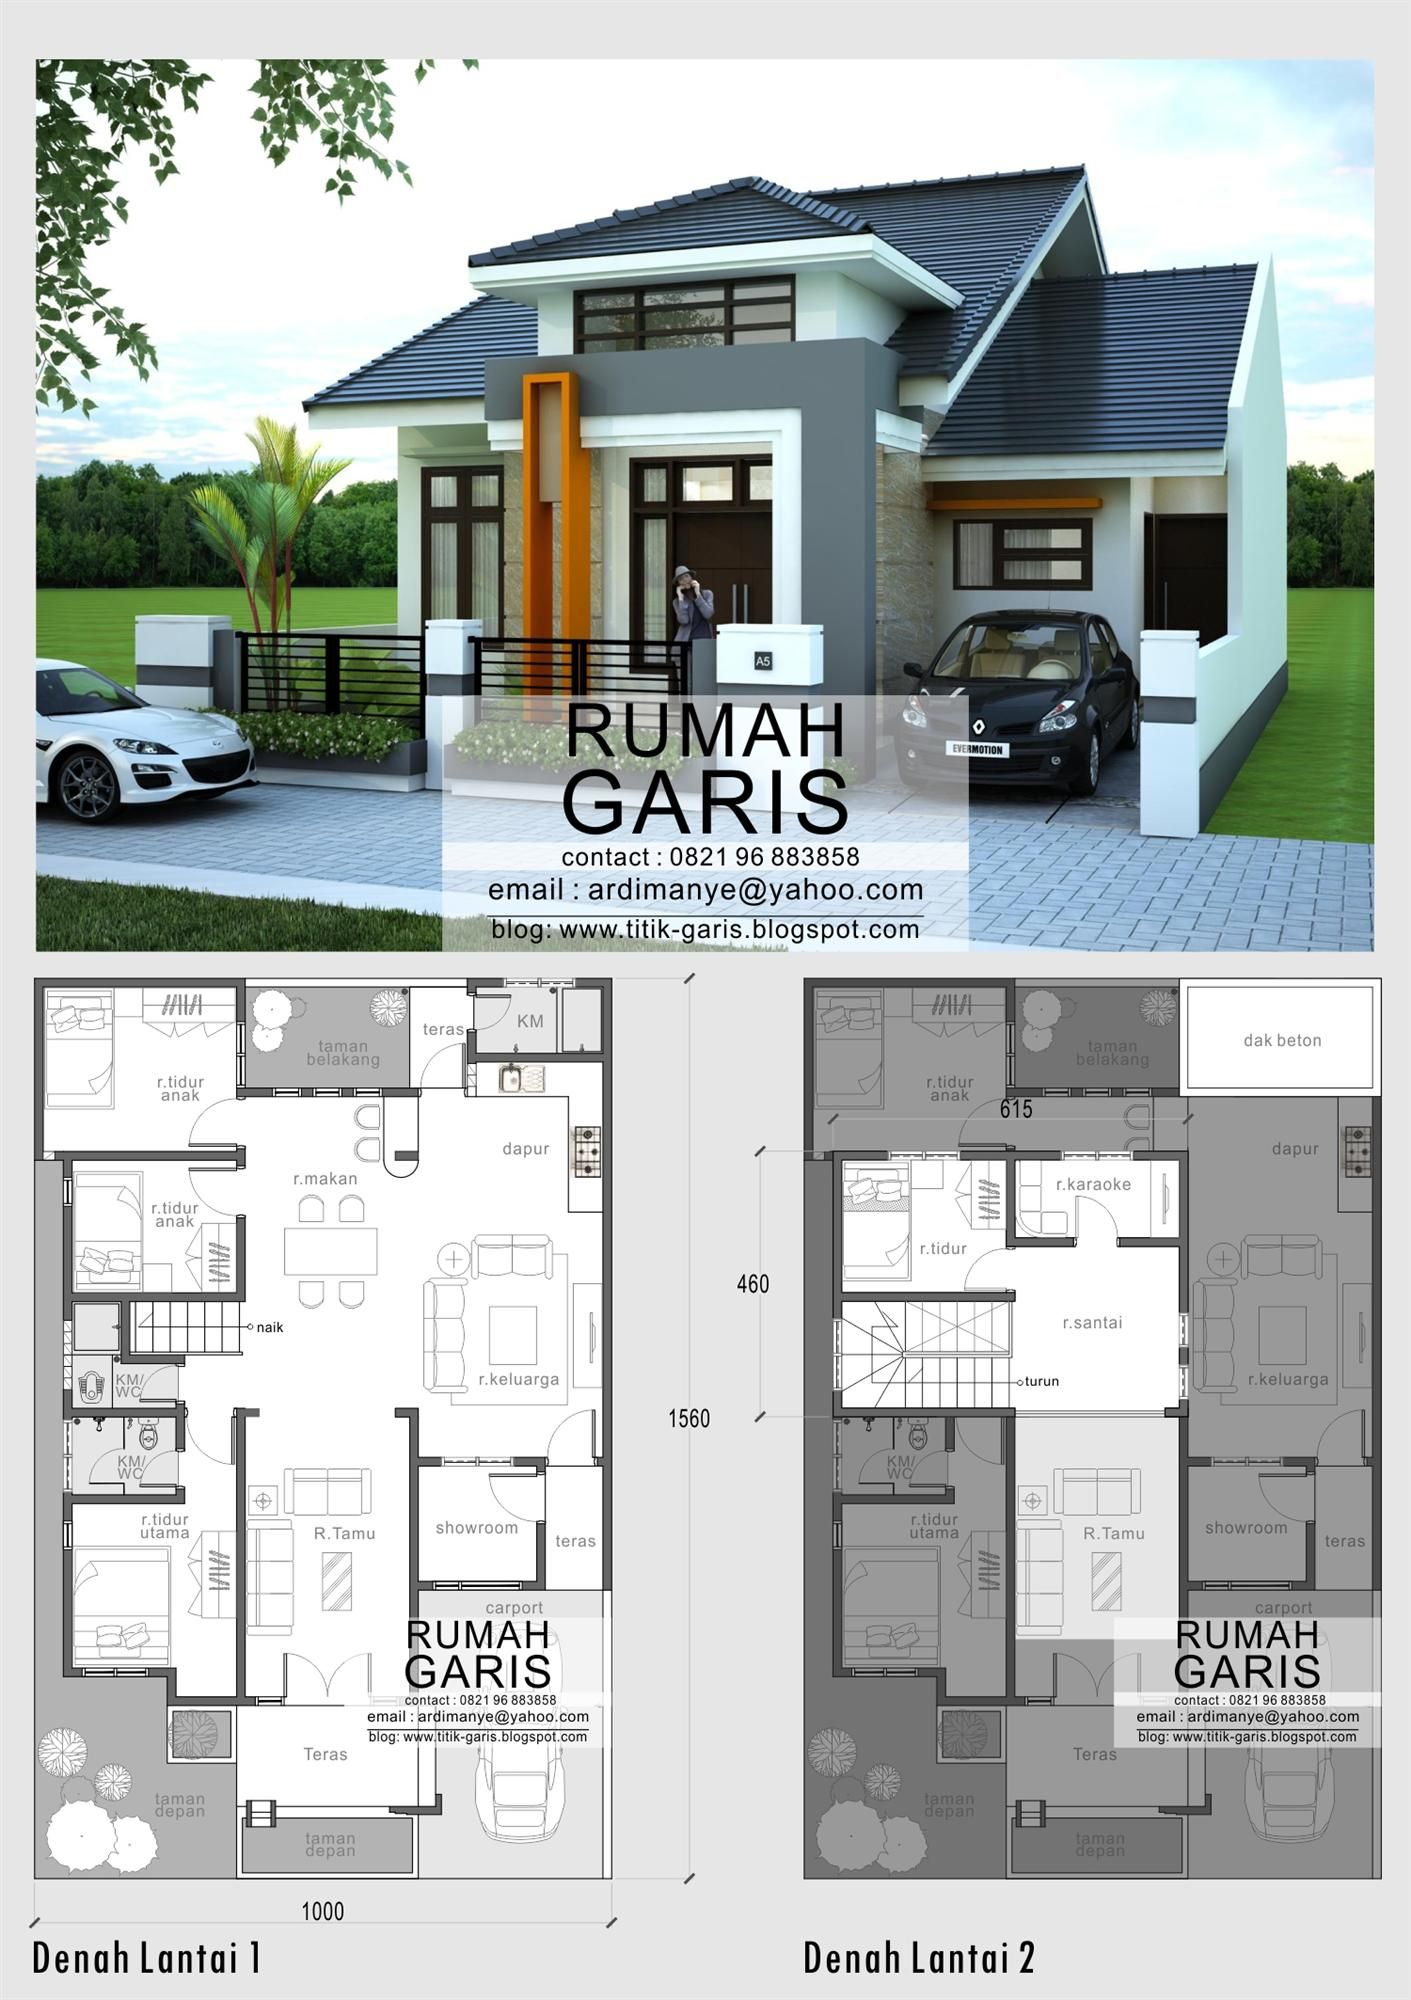 desain model denah dan tampak rumah minimalis 2 lantai di Takalar  Gonzalo  Pinterest  Dan